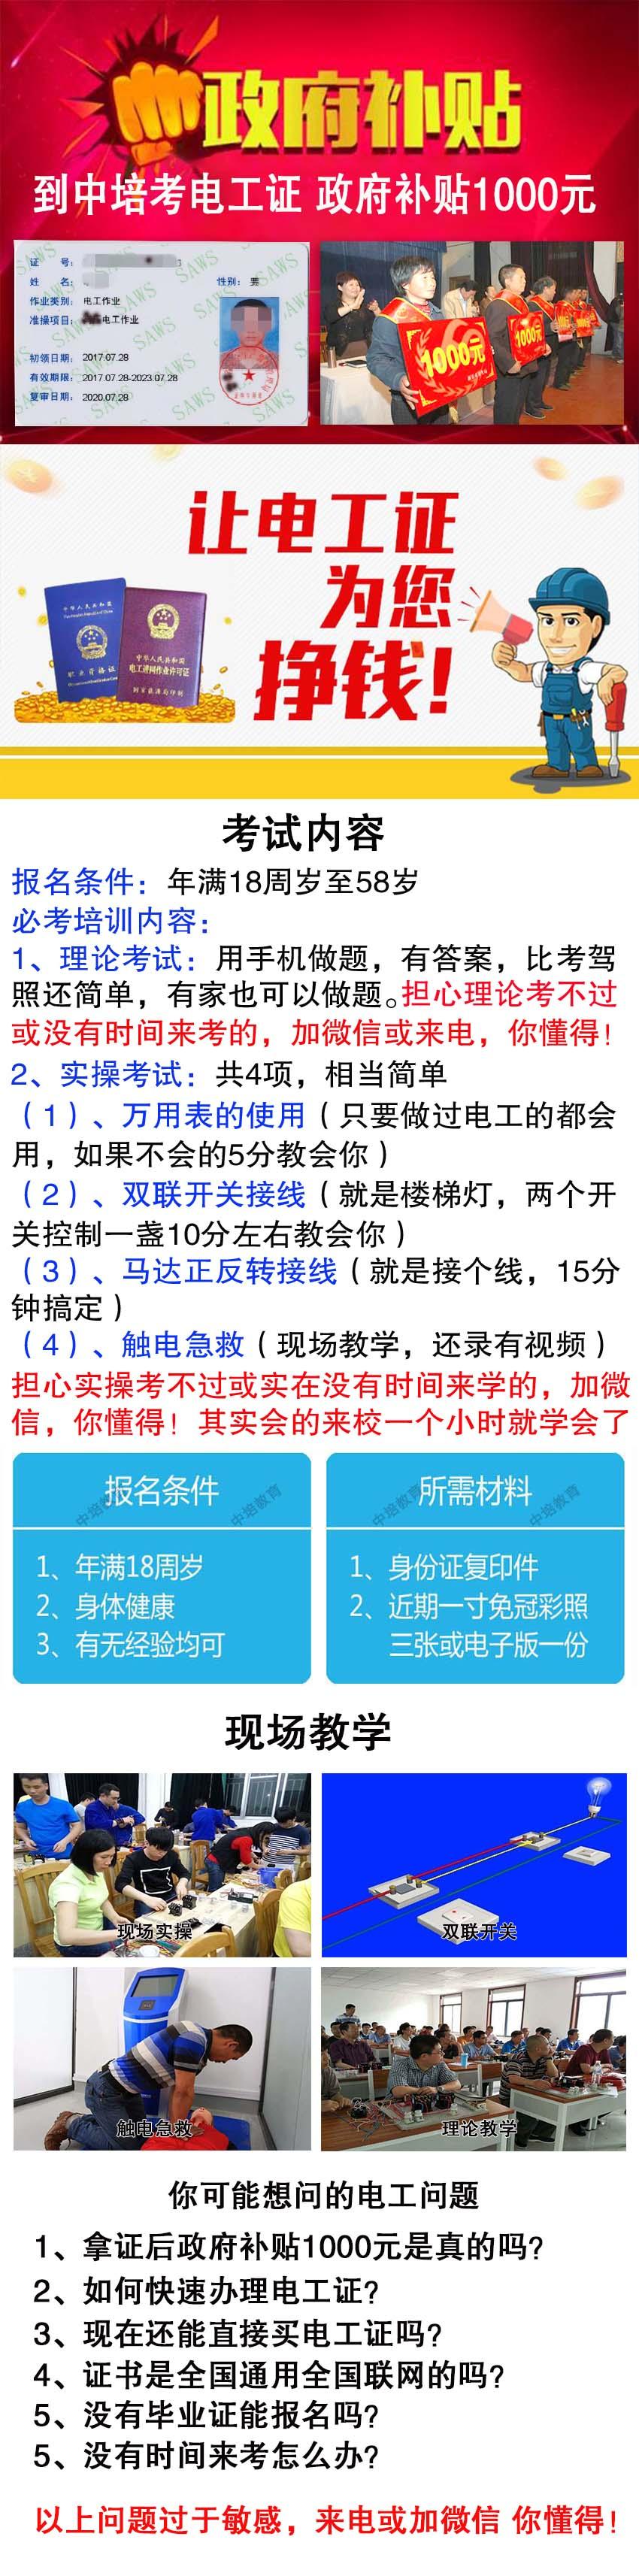 东莞考电工证要去哪里考?是全国联网的吗?